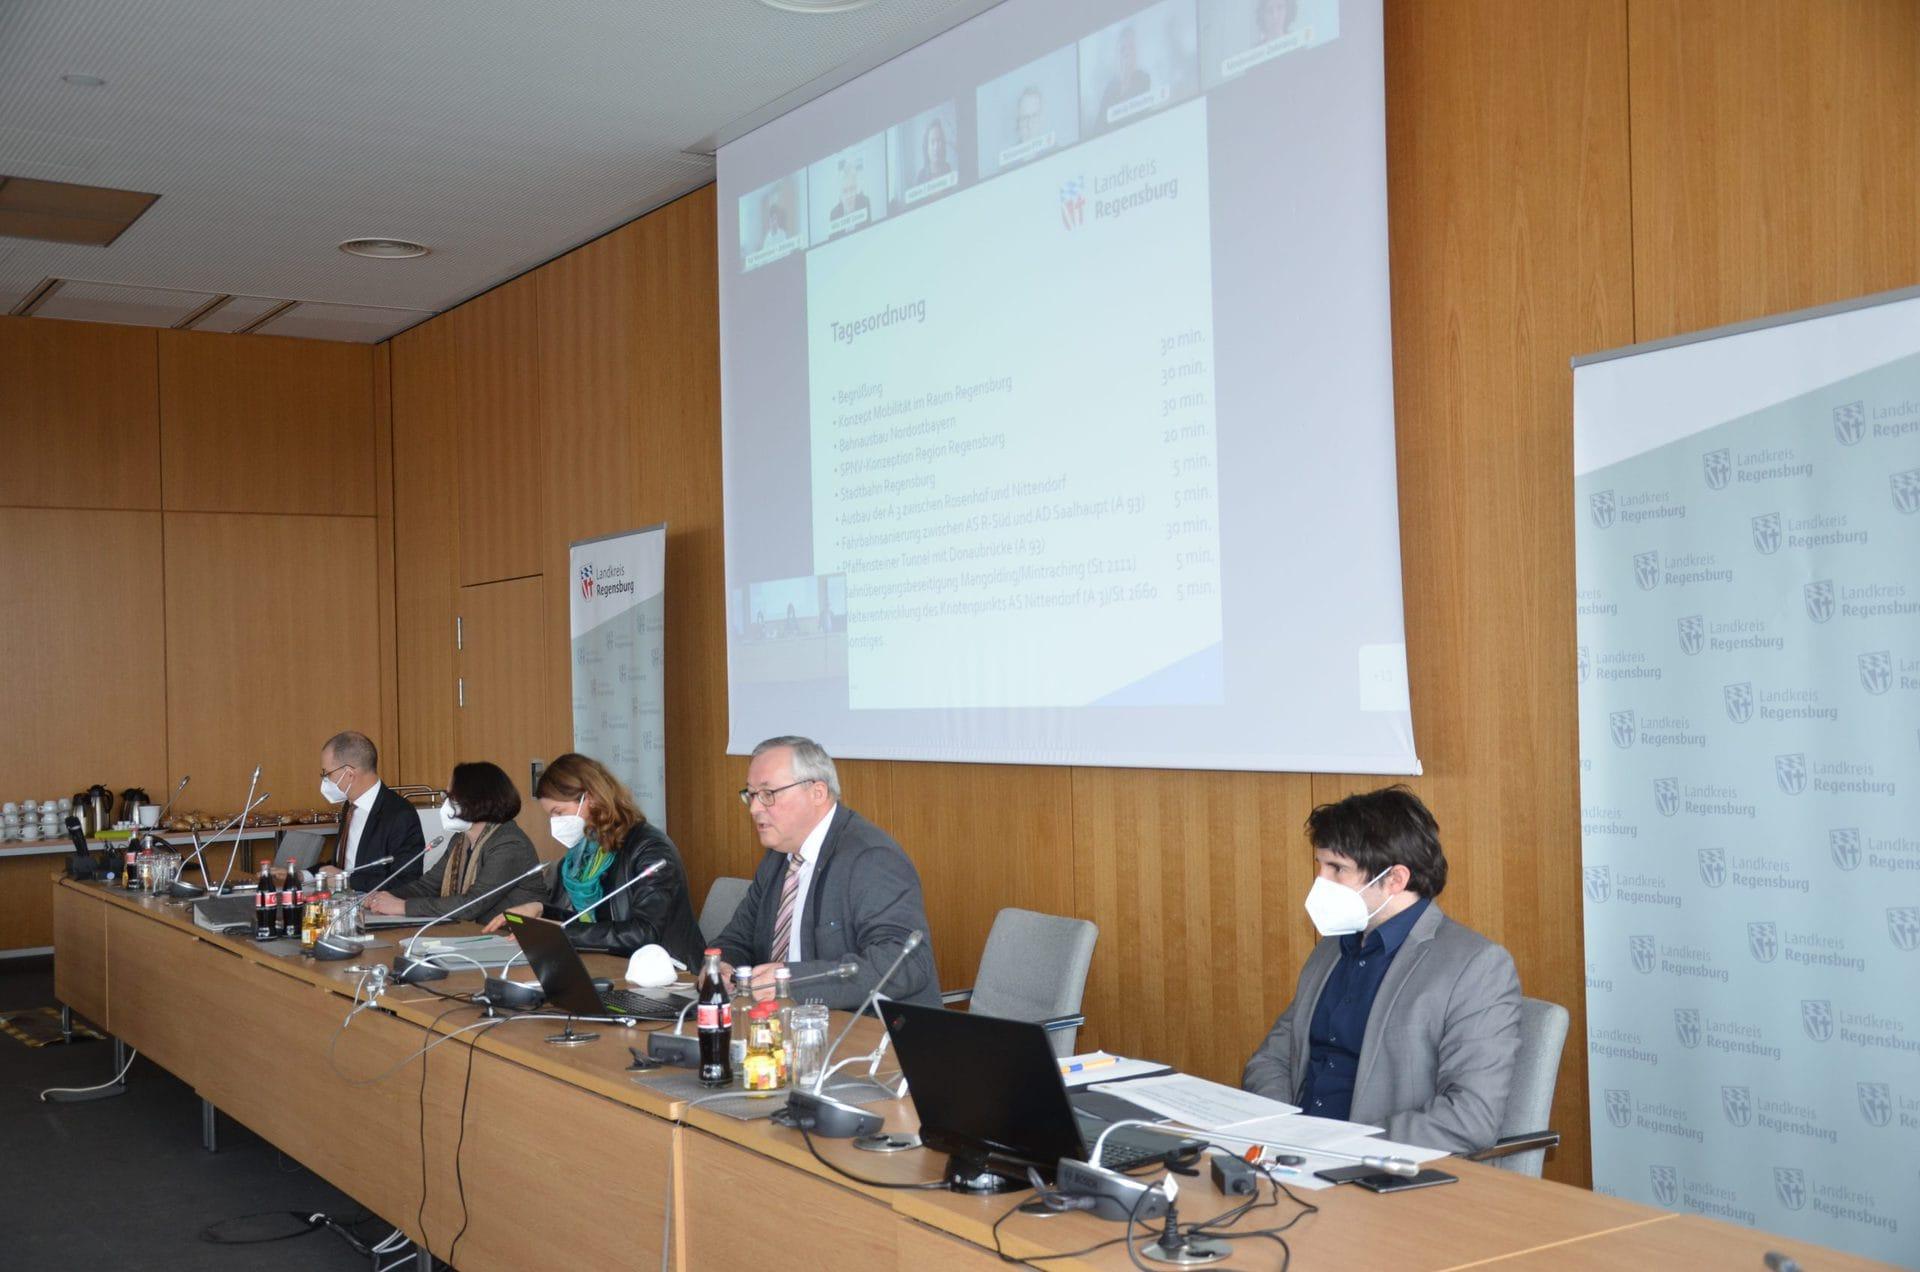 Mobilitätskonzept Raum Regensburg Gutachter beginnen mit ihrer Arbeit